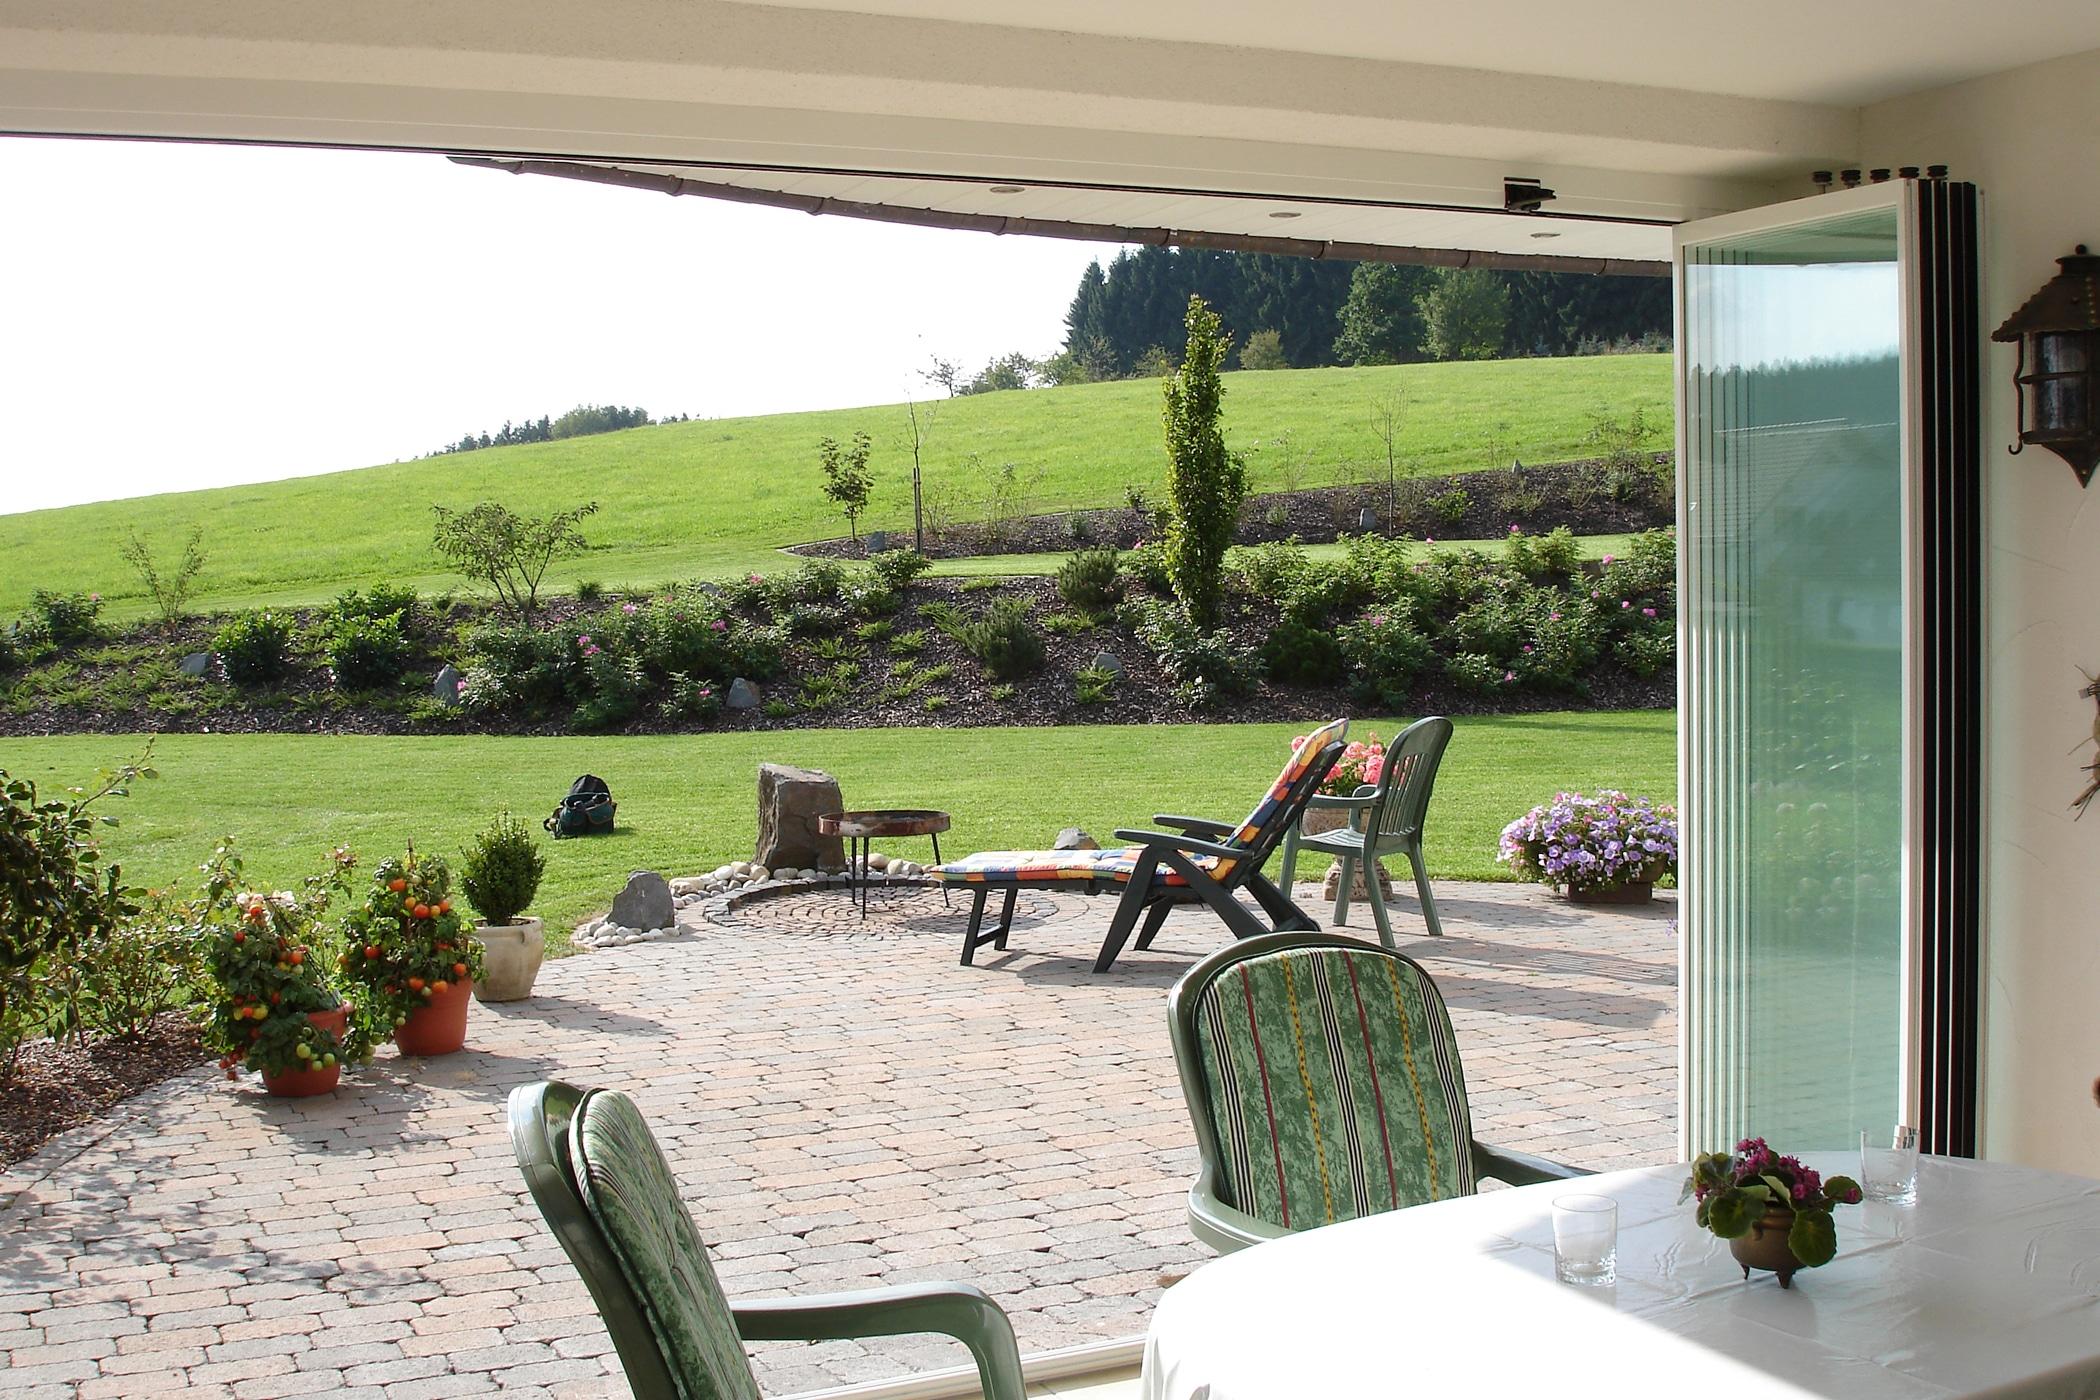 Schiebe-Dreh-Wände für Terrassenverkleidung